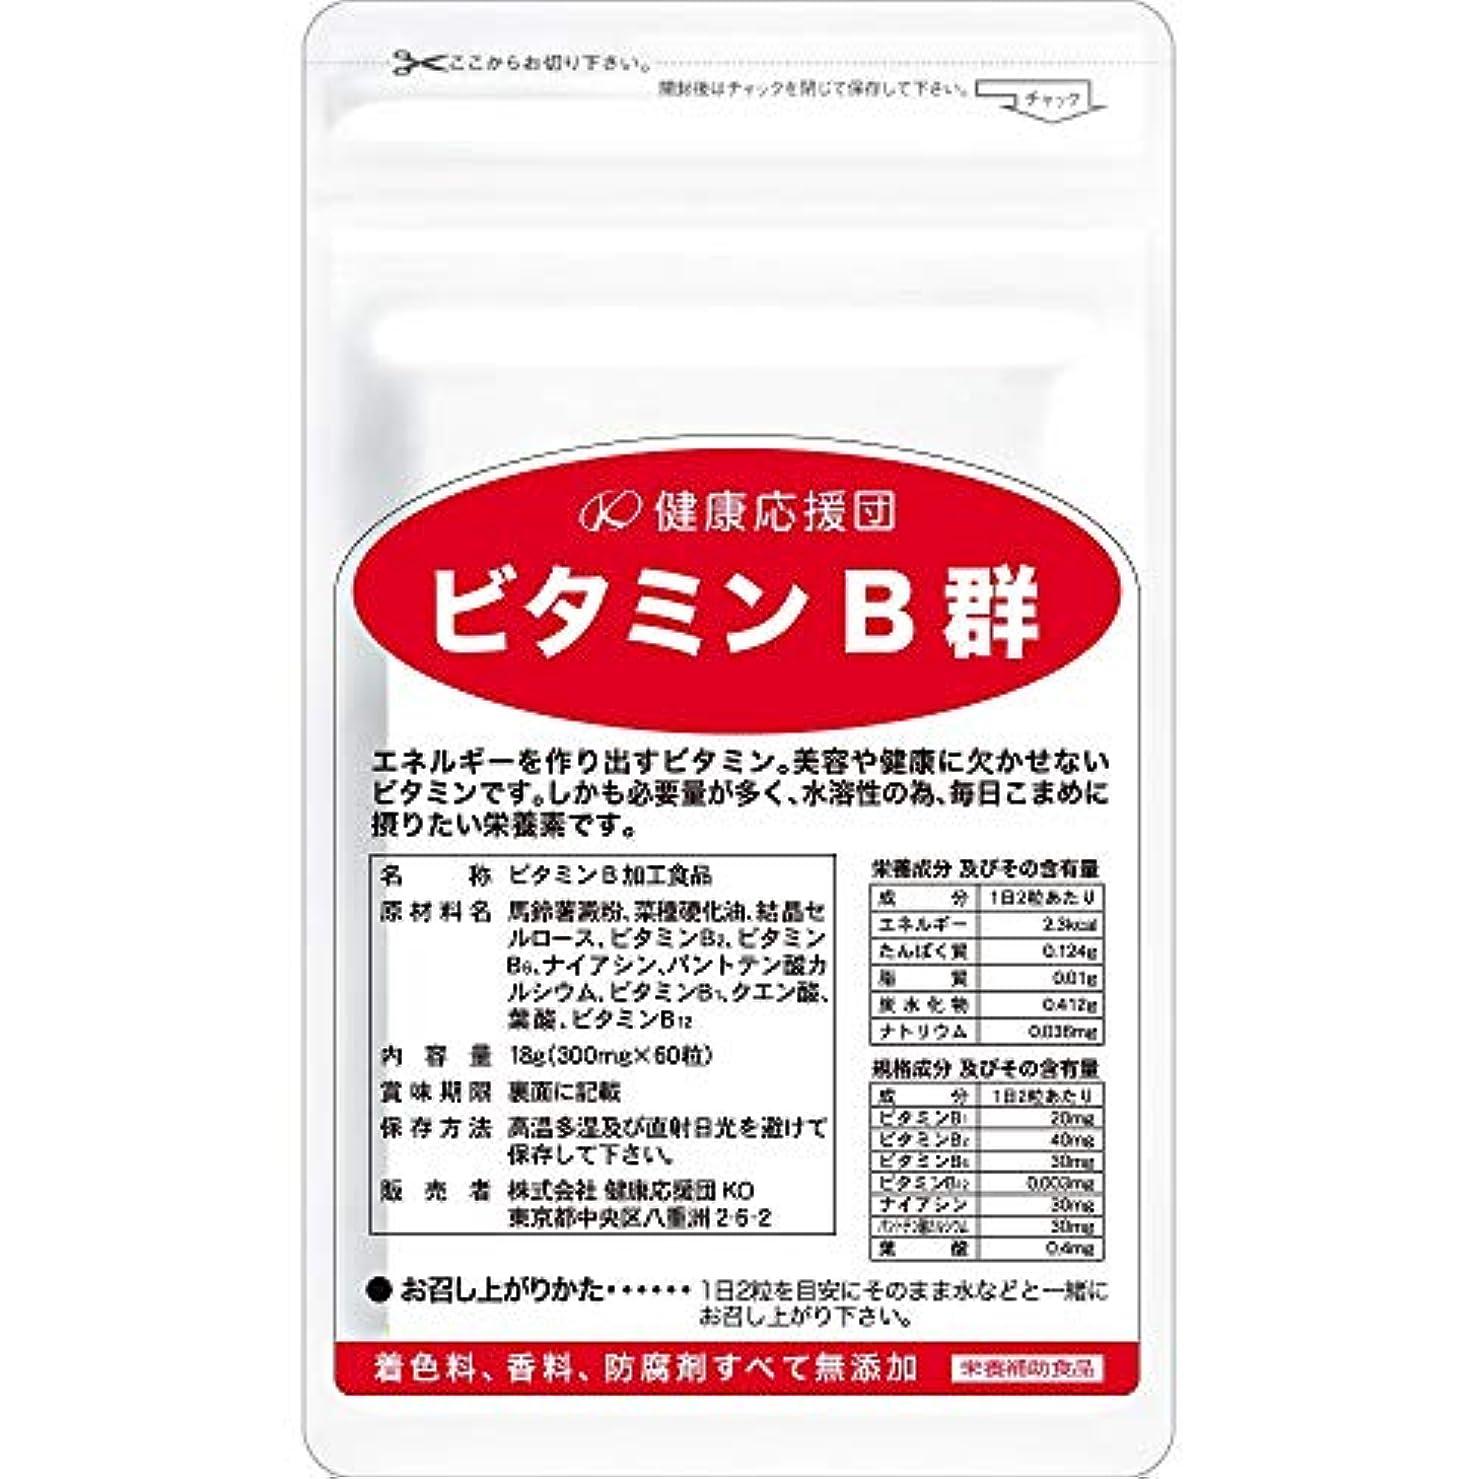 郵便局頑固な南健康応援団 お徳用 ビタミンB群 (12か月分)12袋720粒(葉酸プラス)